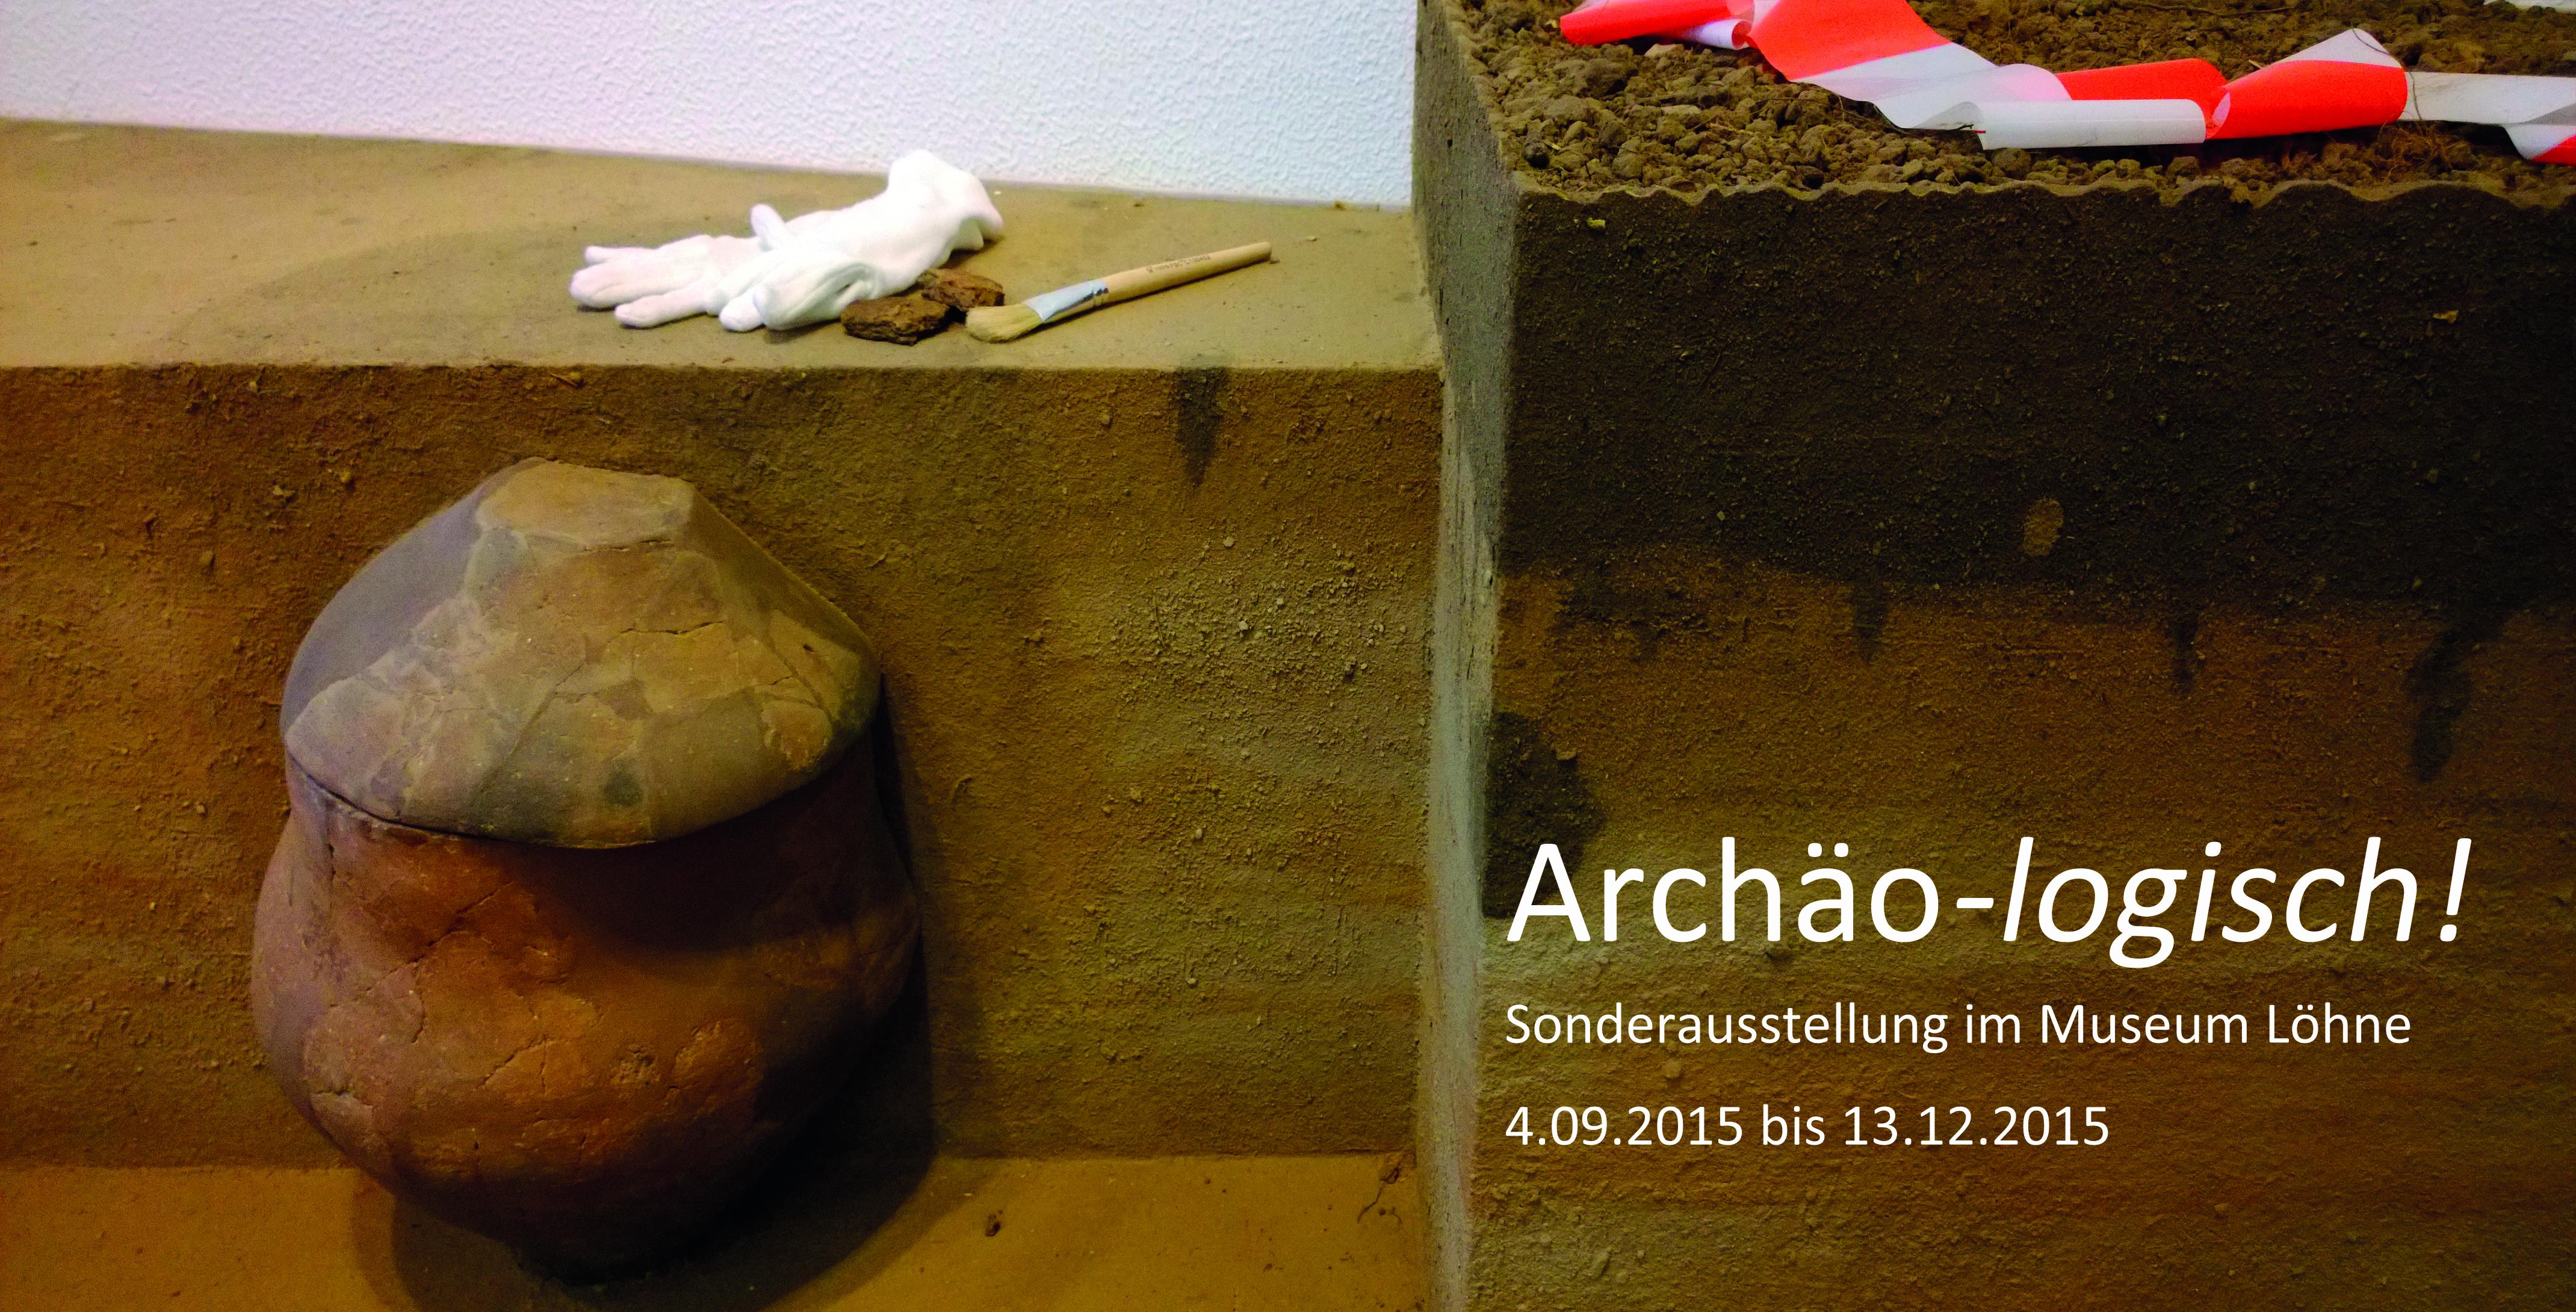 Archaeologie Einladung Vorderseite